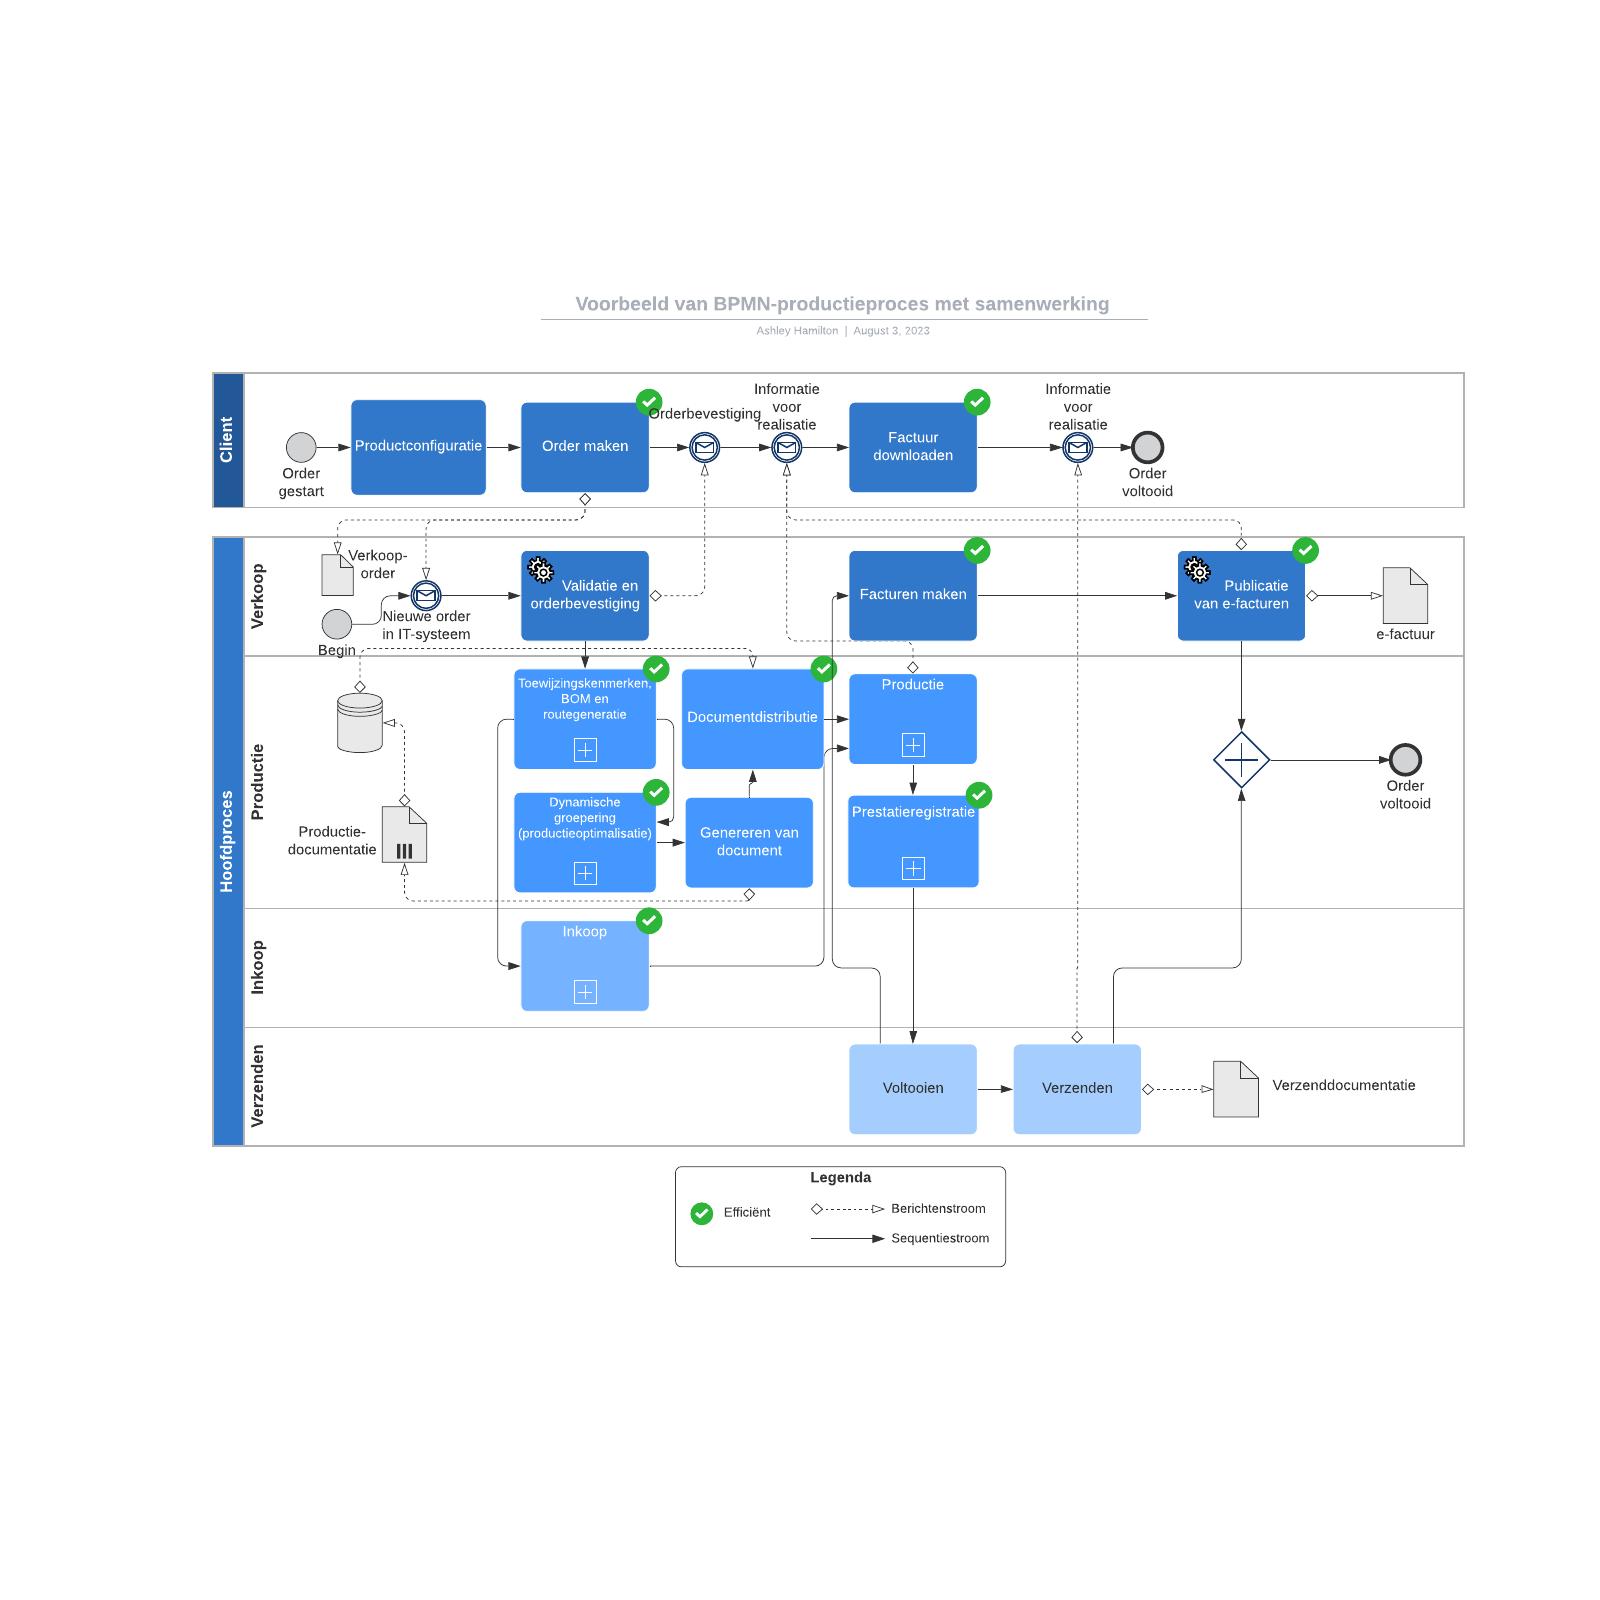 Voorbeeld van BPMN-productieproces met samenwerking